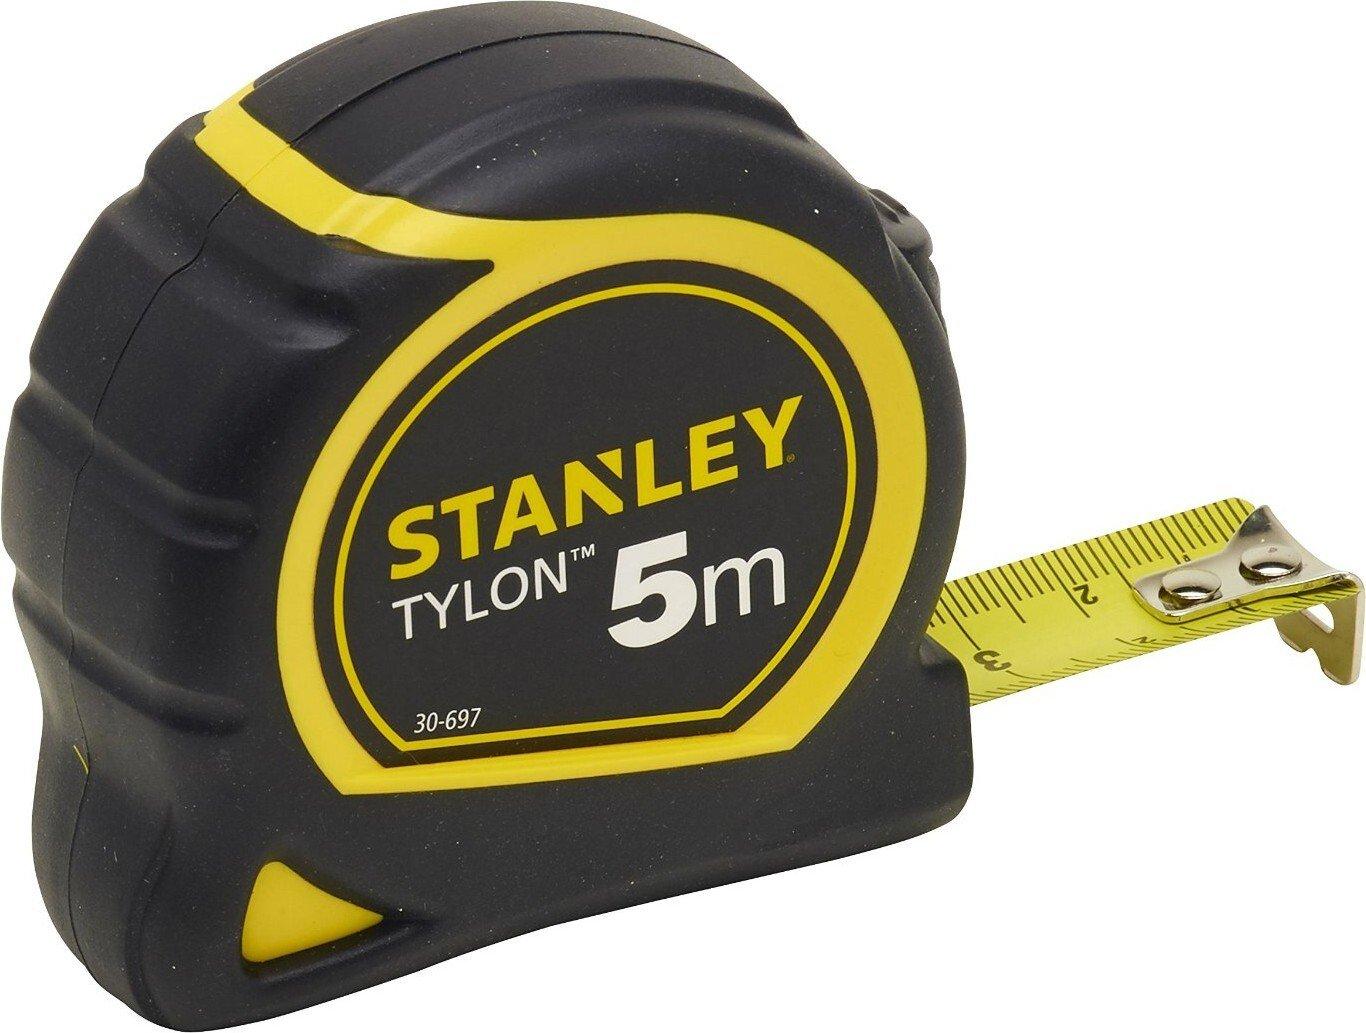 Рулетка измерительная Stanley Tylon 5м (0-30-697) фото 4